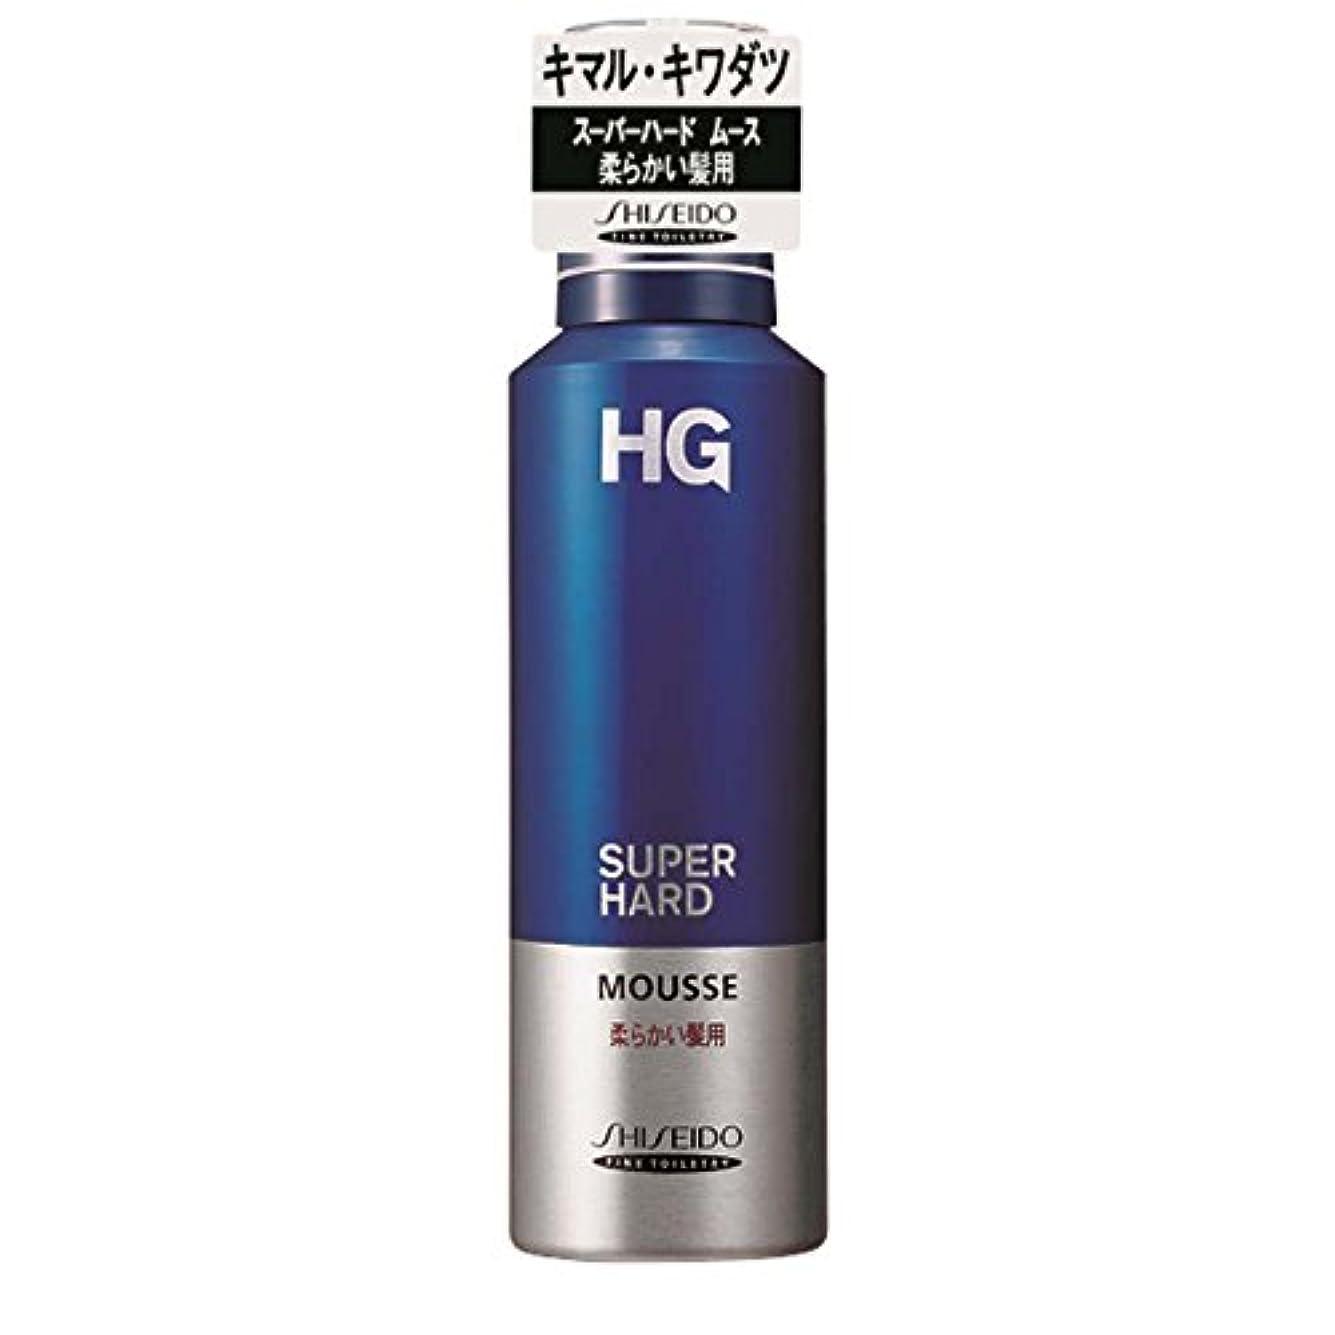 評価可能委員会獲物HG スーパーハード ムース 柔かい髪 180g